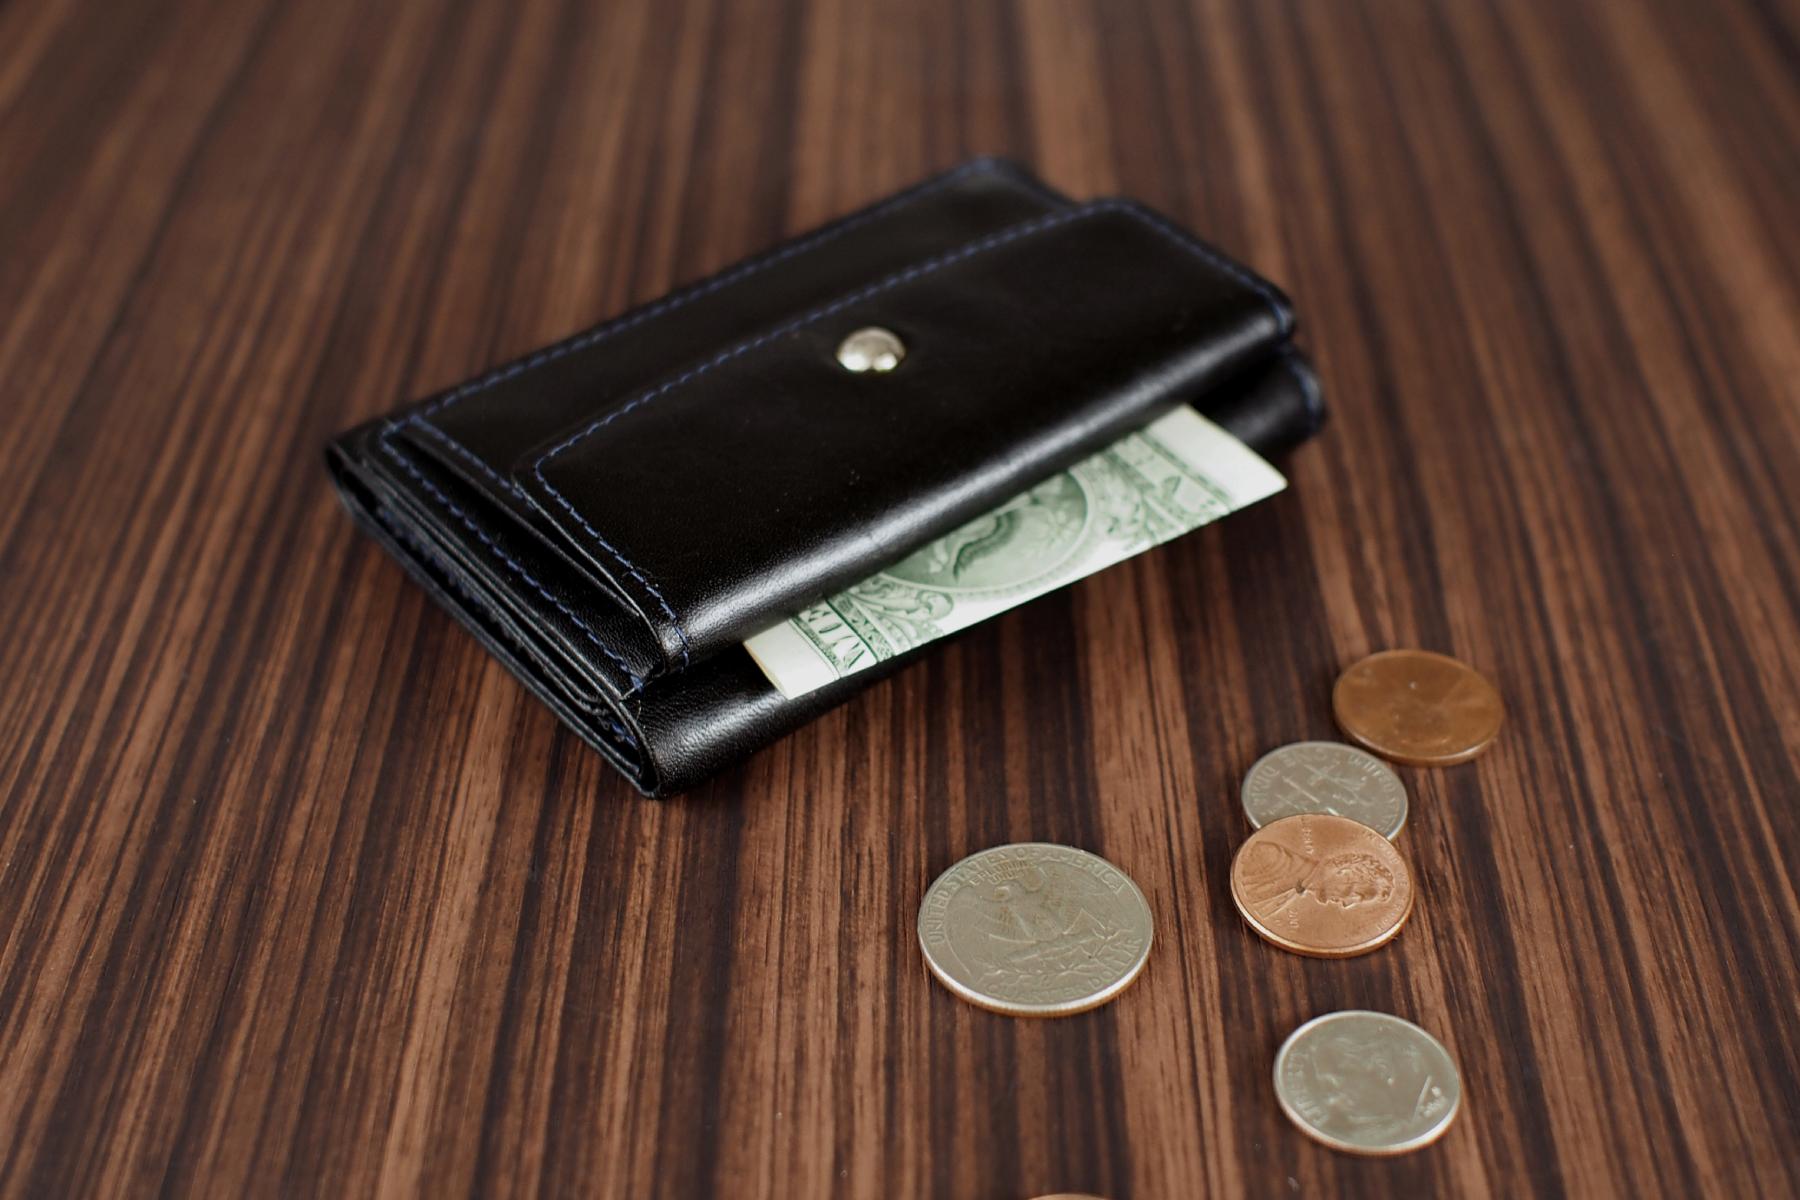 三つ折り旅財布を使用したイメージ